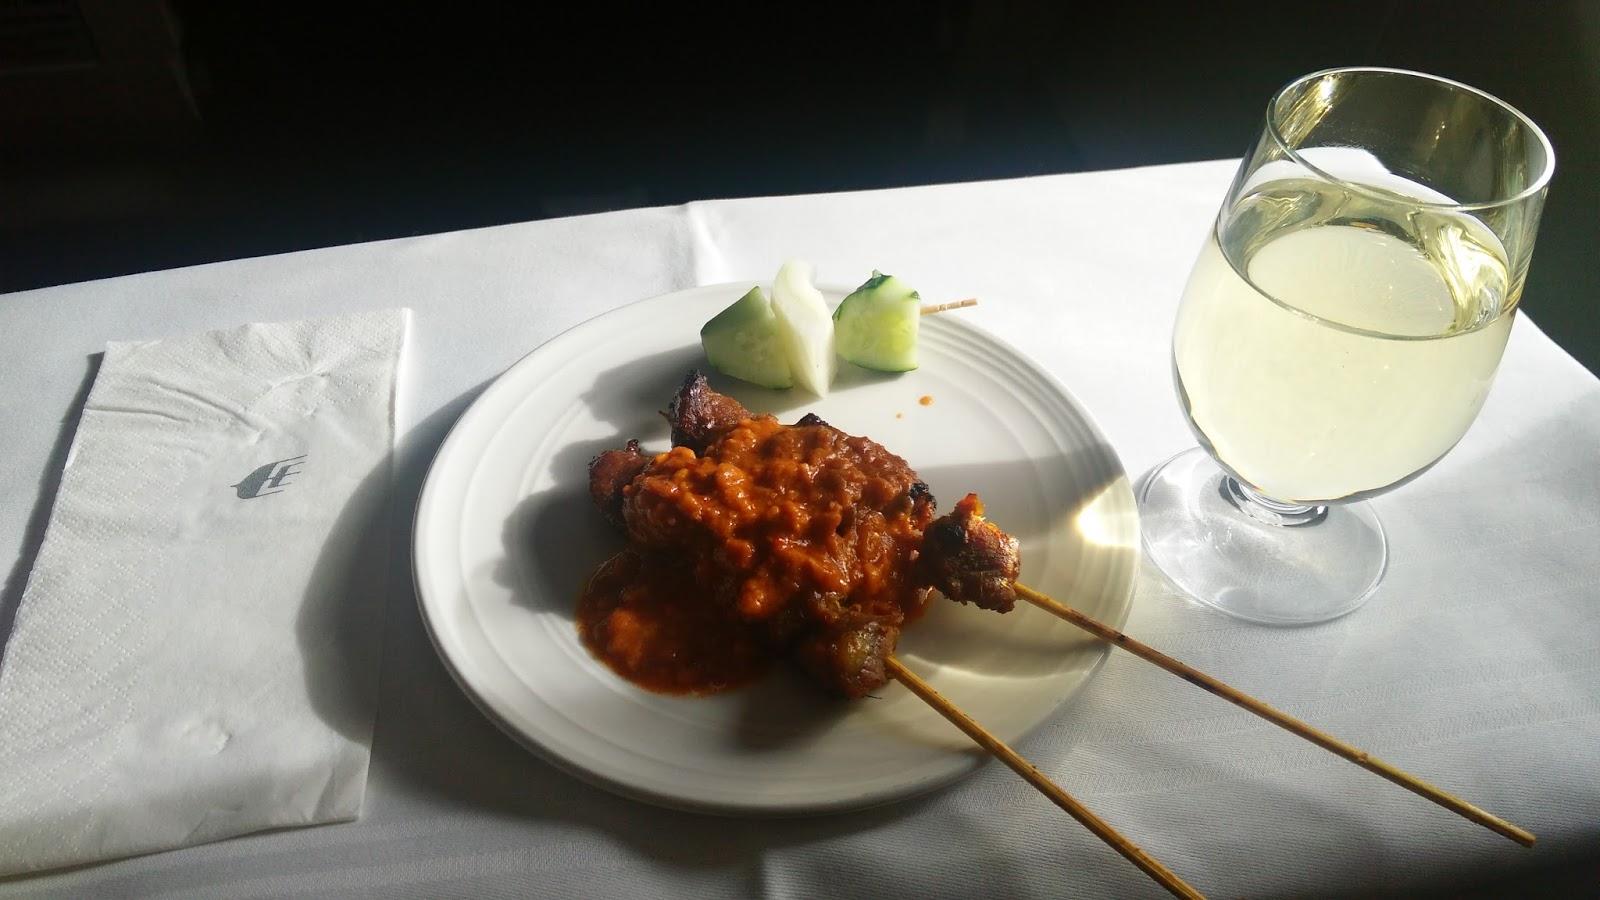 黑老闆說:馬航台北飛吉隆坡的班機,飛機起飛一改平就開始供應沙嗲燒烤,有牛羊雞三種可選,獲得民航客機評鑑極高的評價。